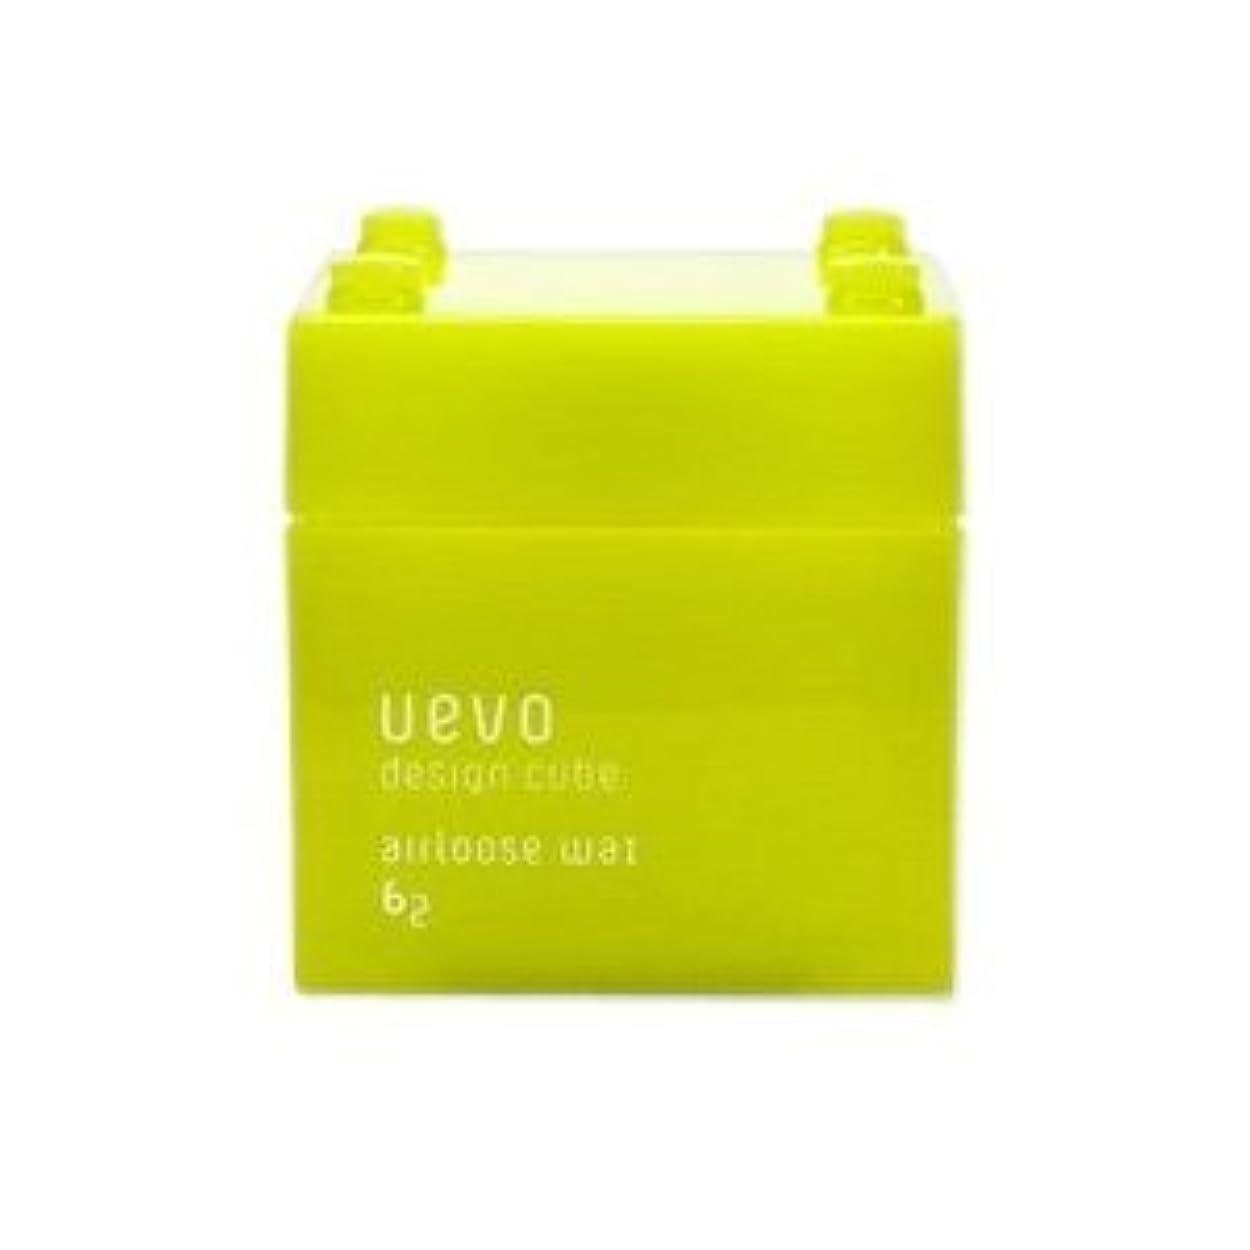 高音闘争怖がって死ぬ【X2個セット】 デミ ウェーボ デザインキューブ エアルーズワックス 80g airloose wax DEMI uevo design cube